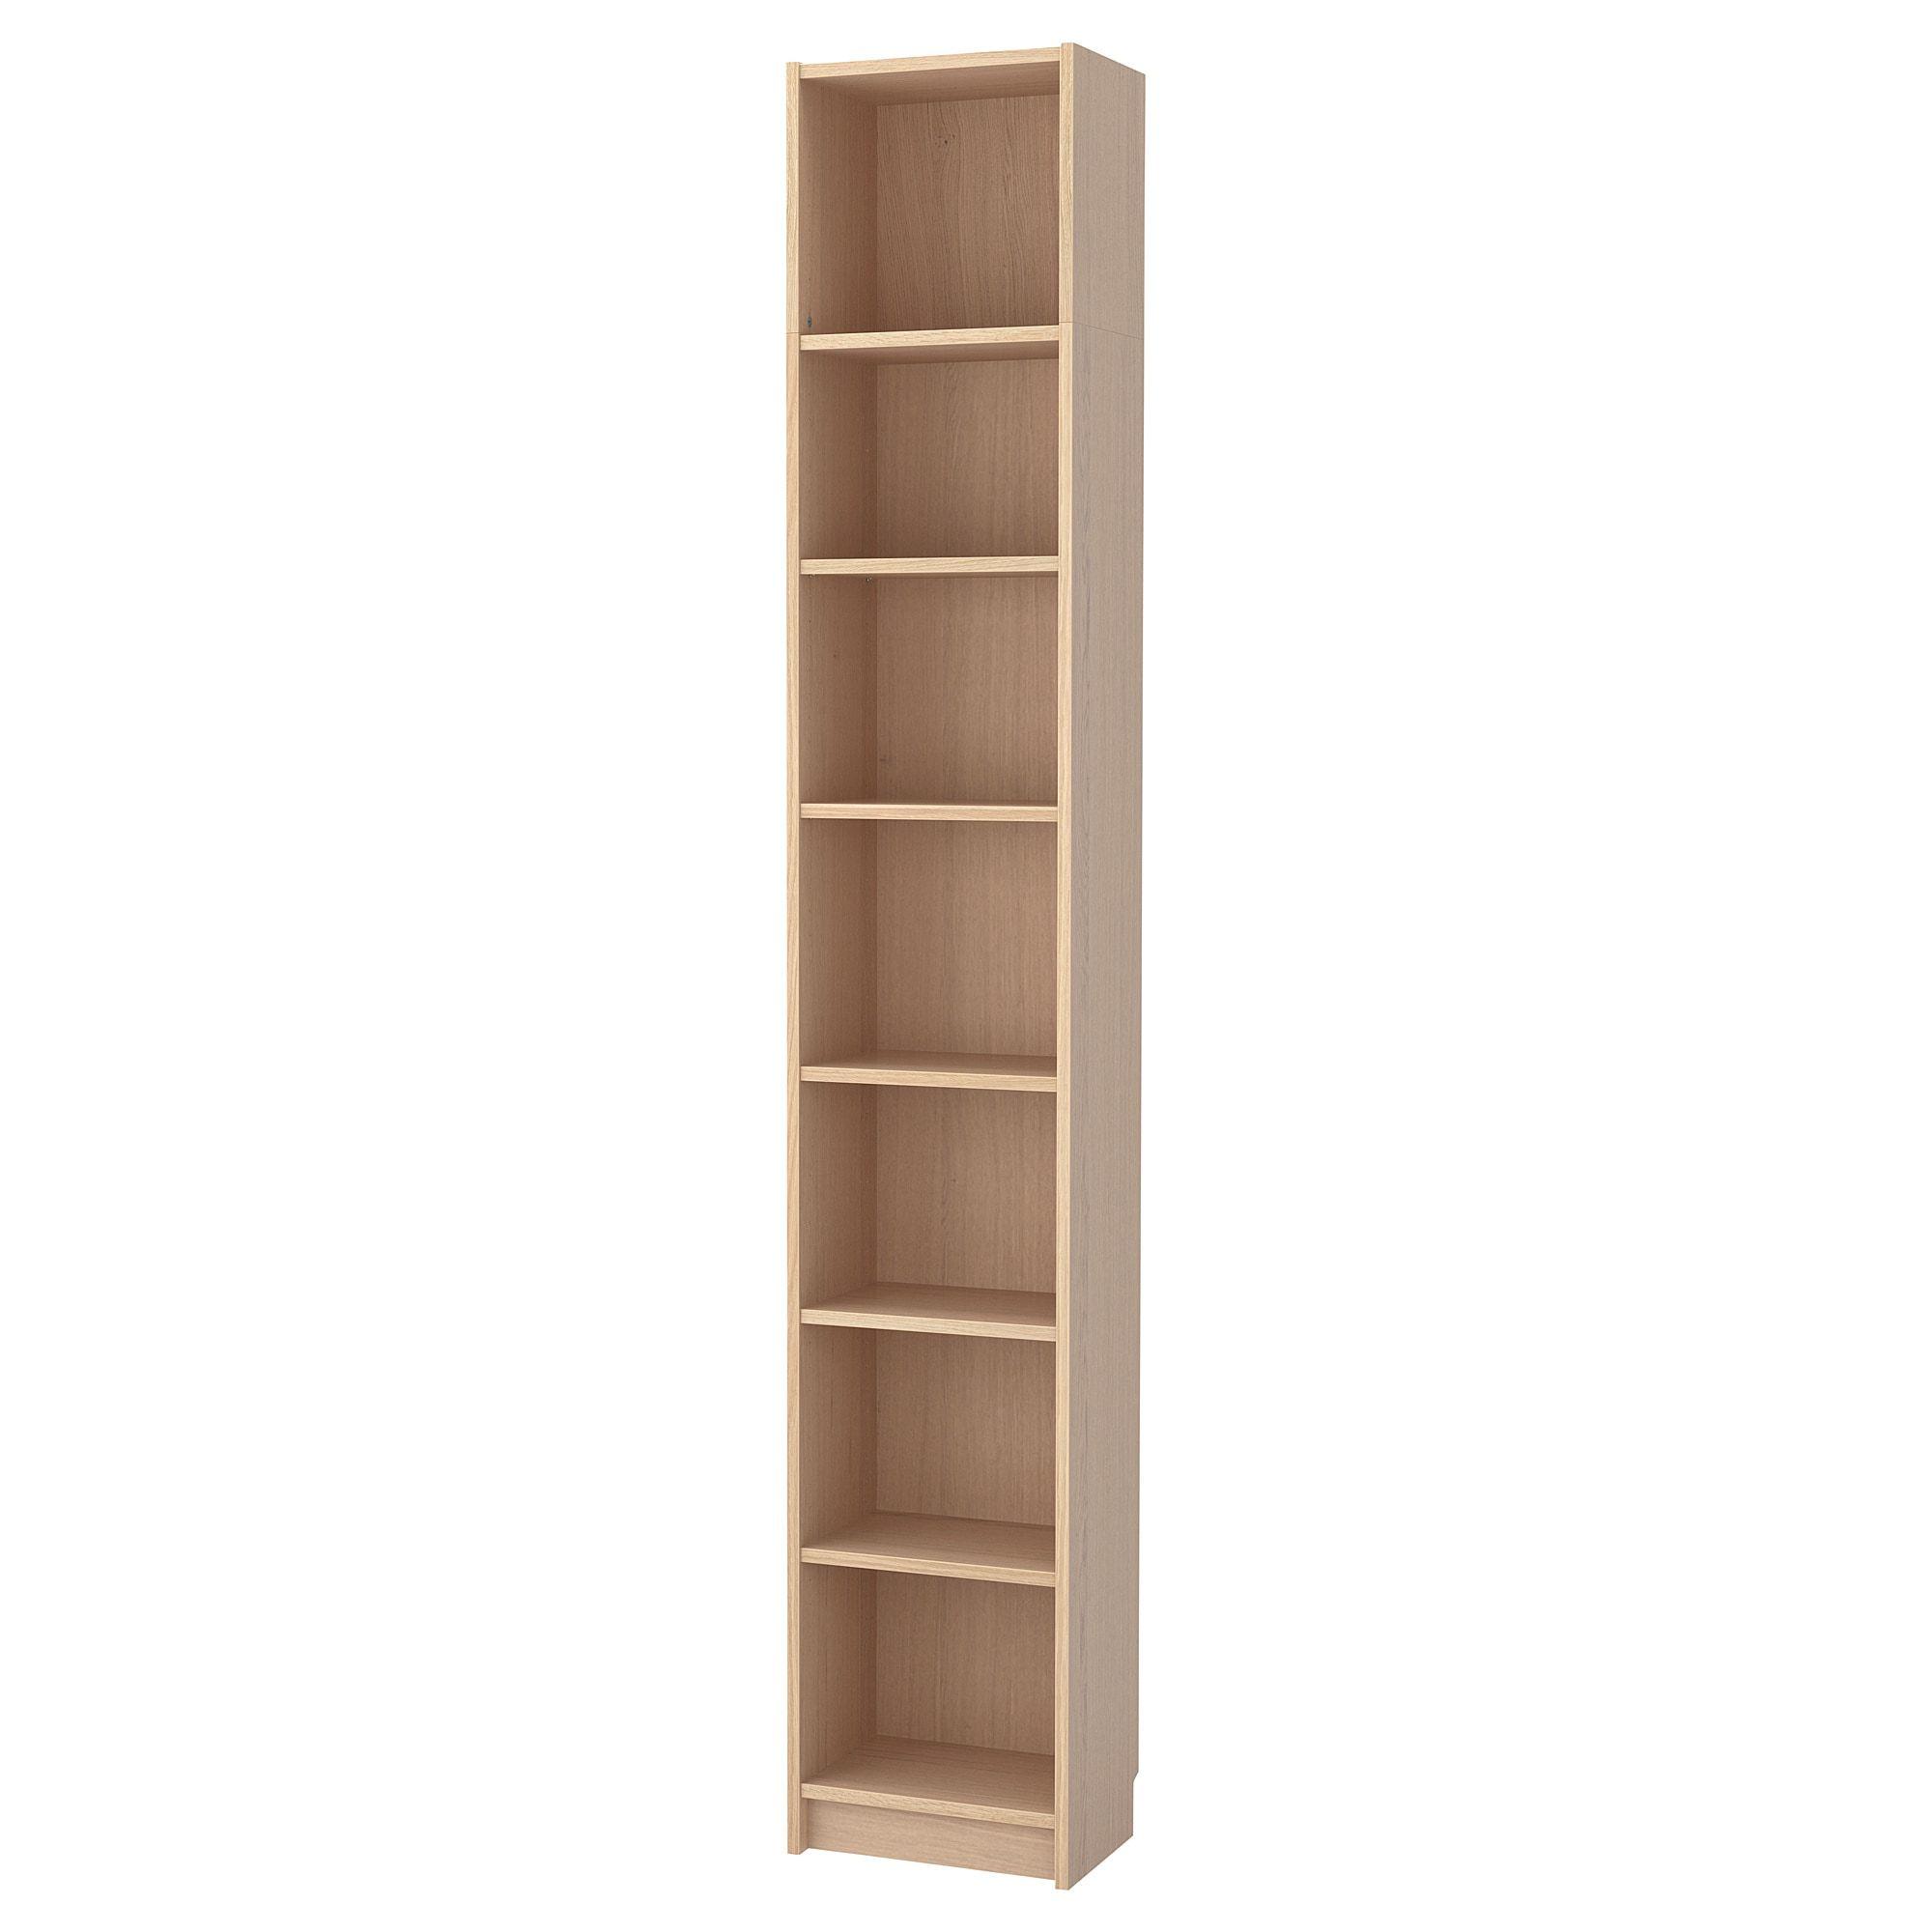 Small Corner Bookshelves Work Great For Behind Door In Kids Room